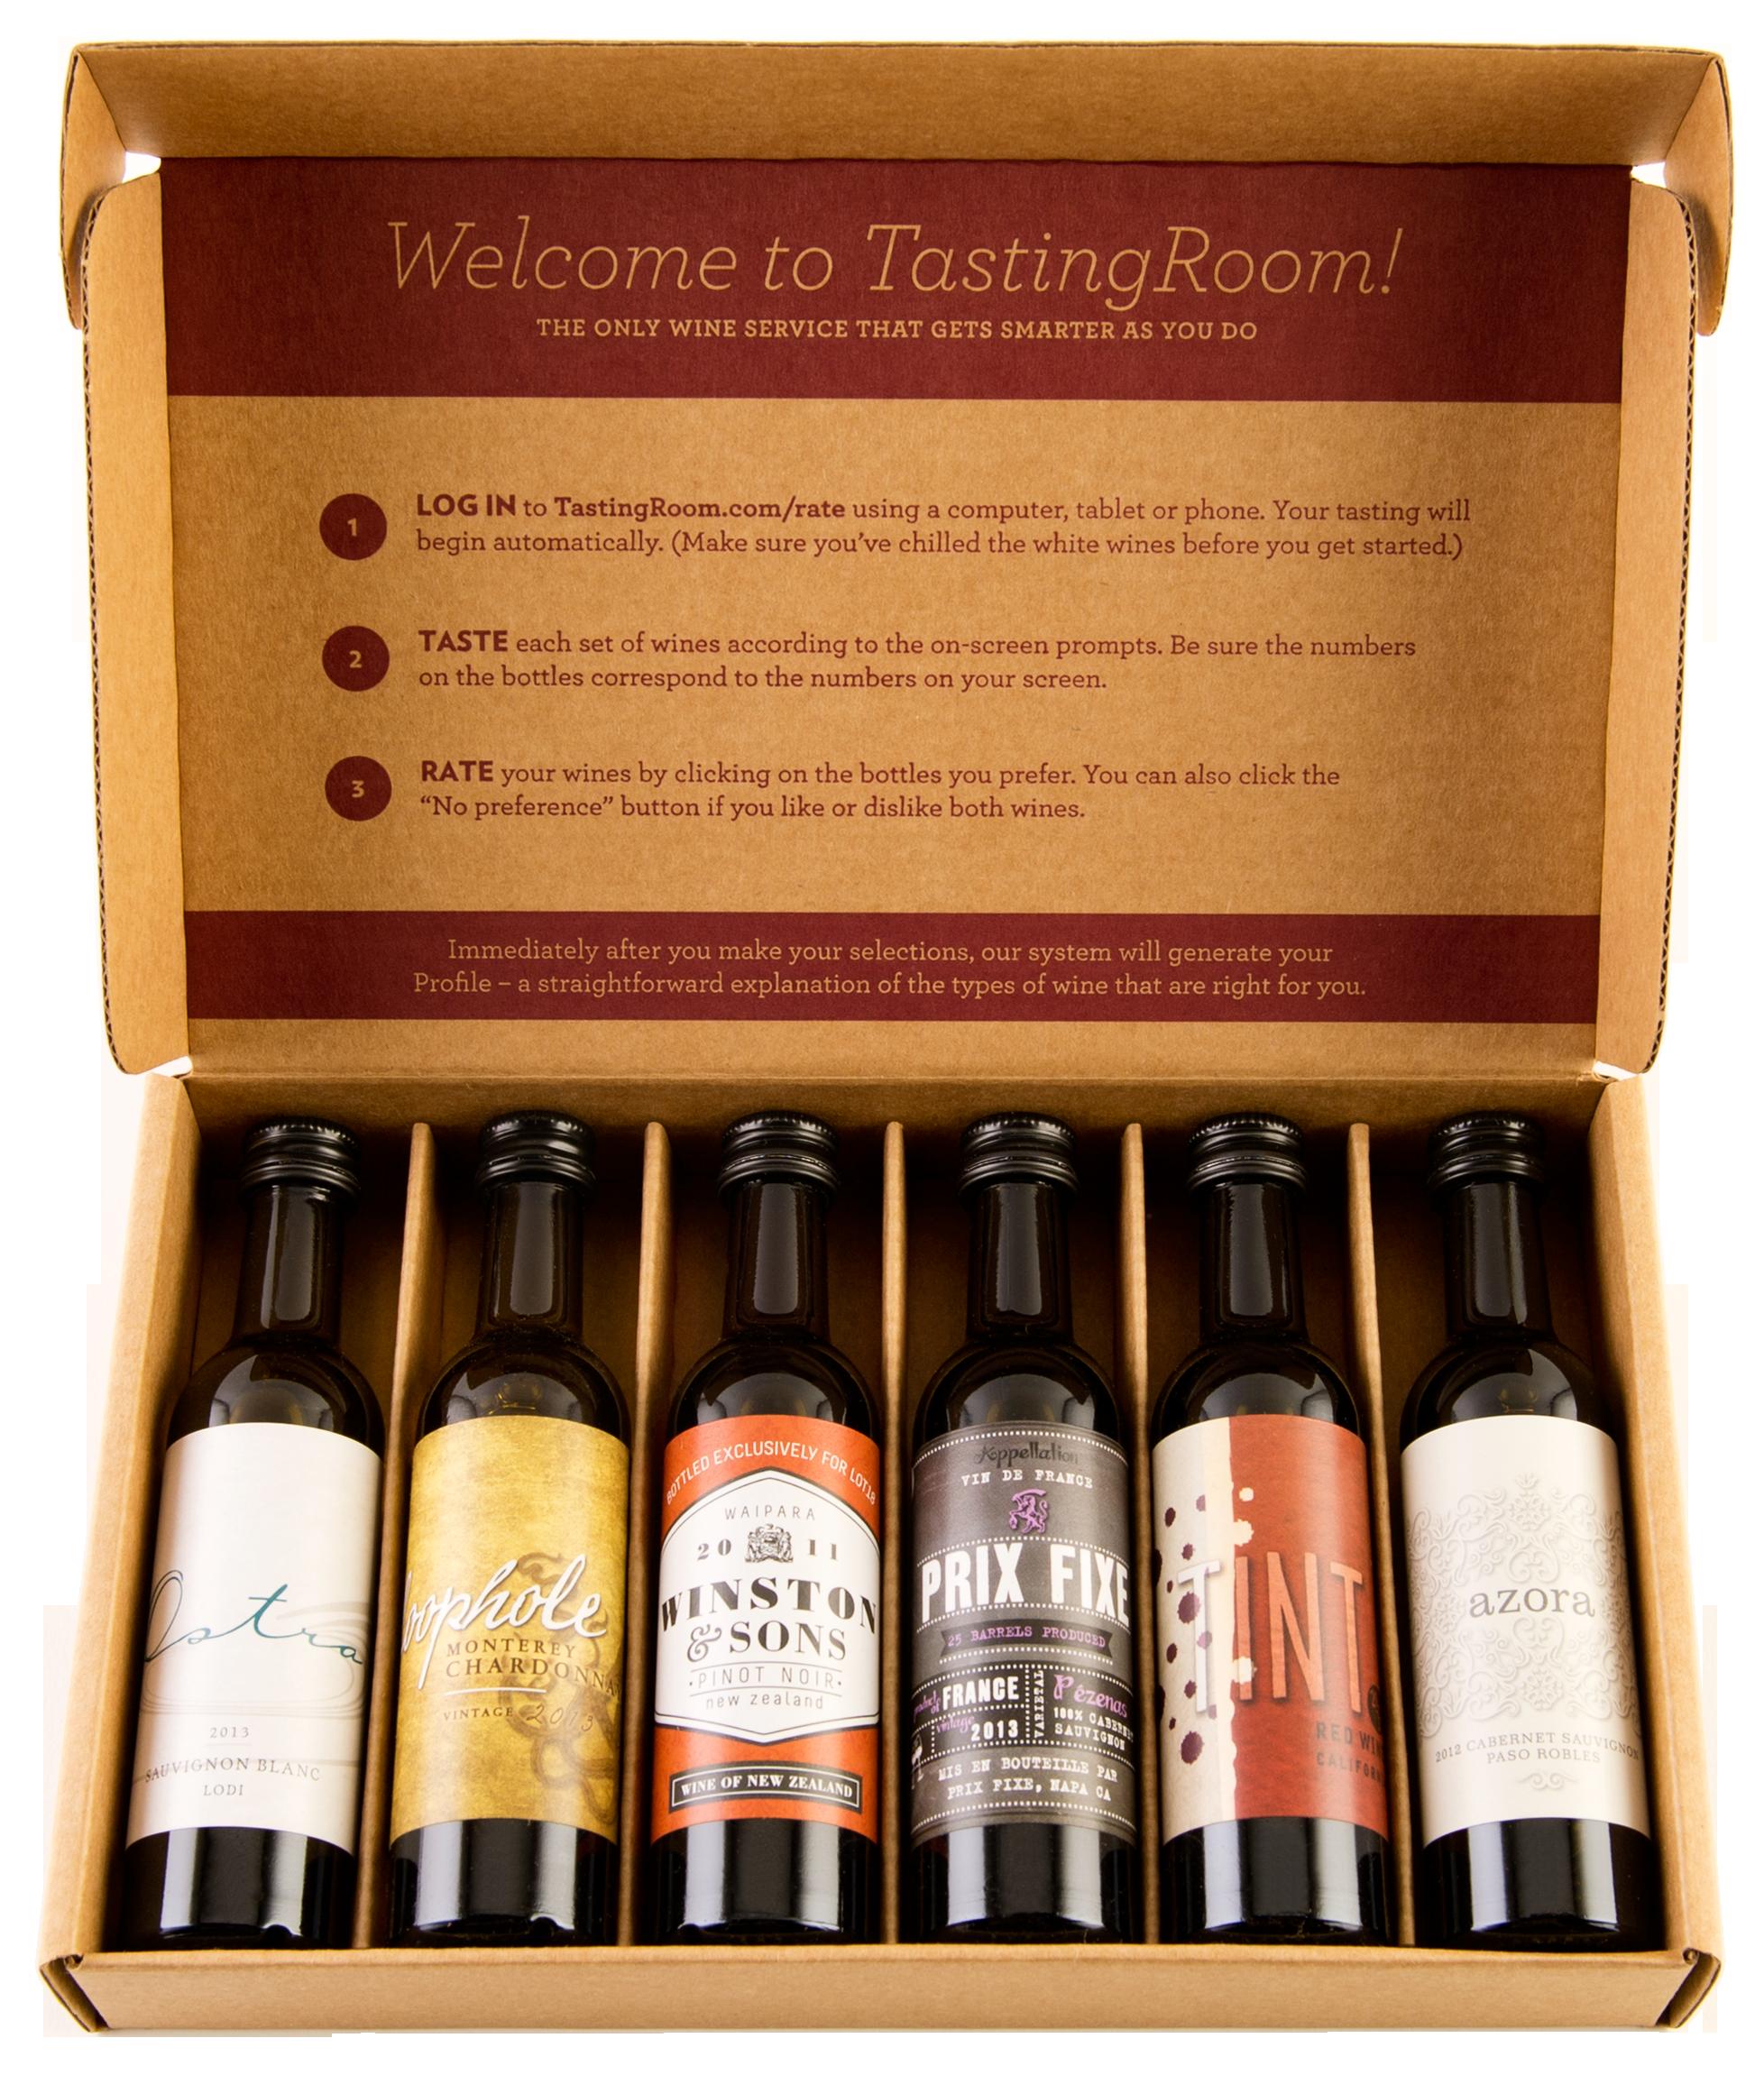 TastingRoom Gift Membership